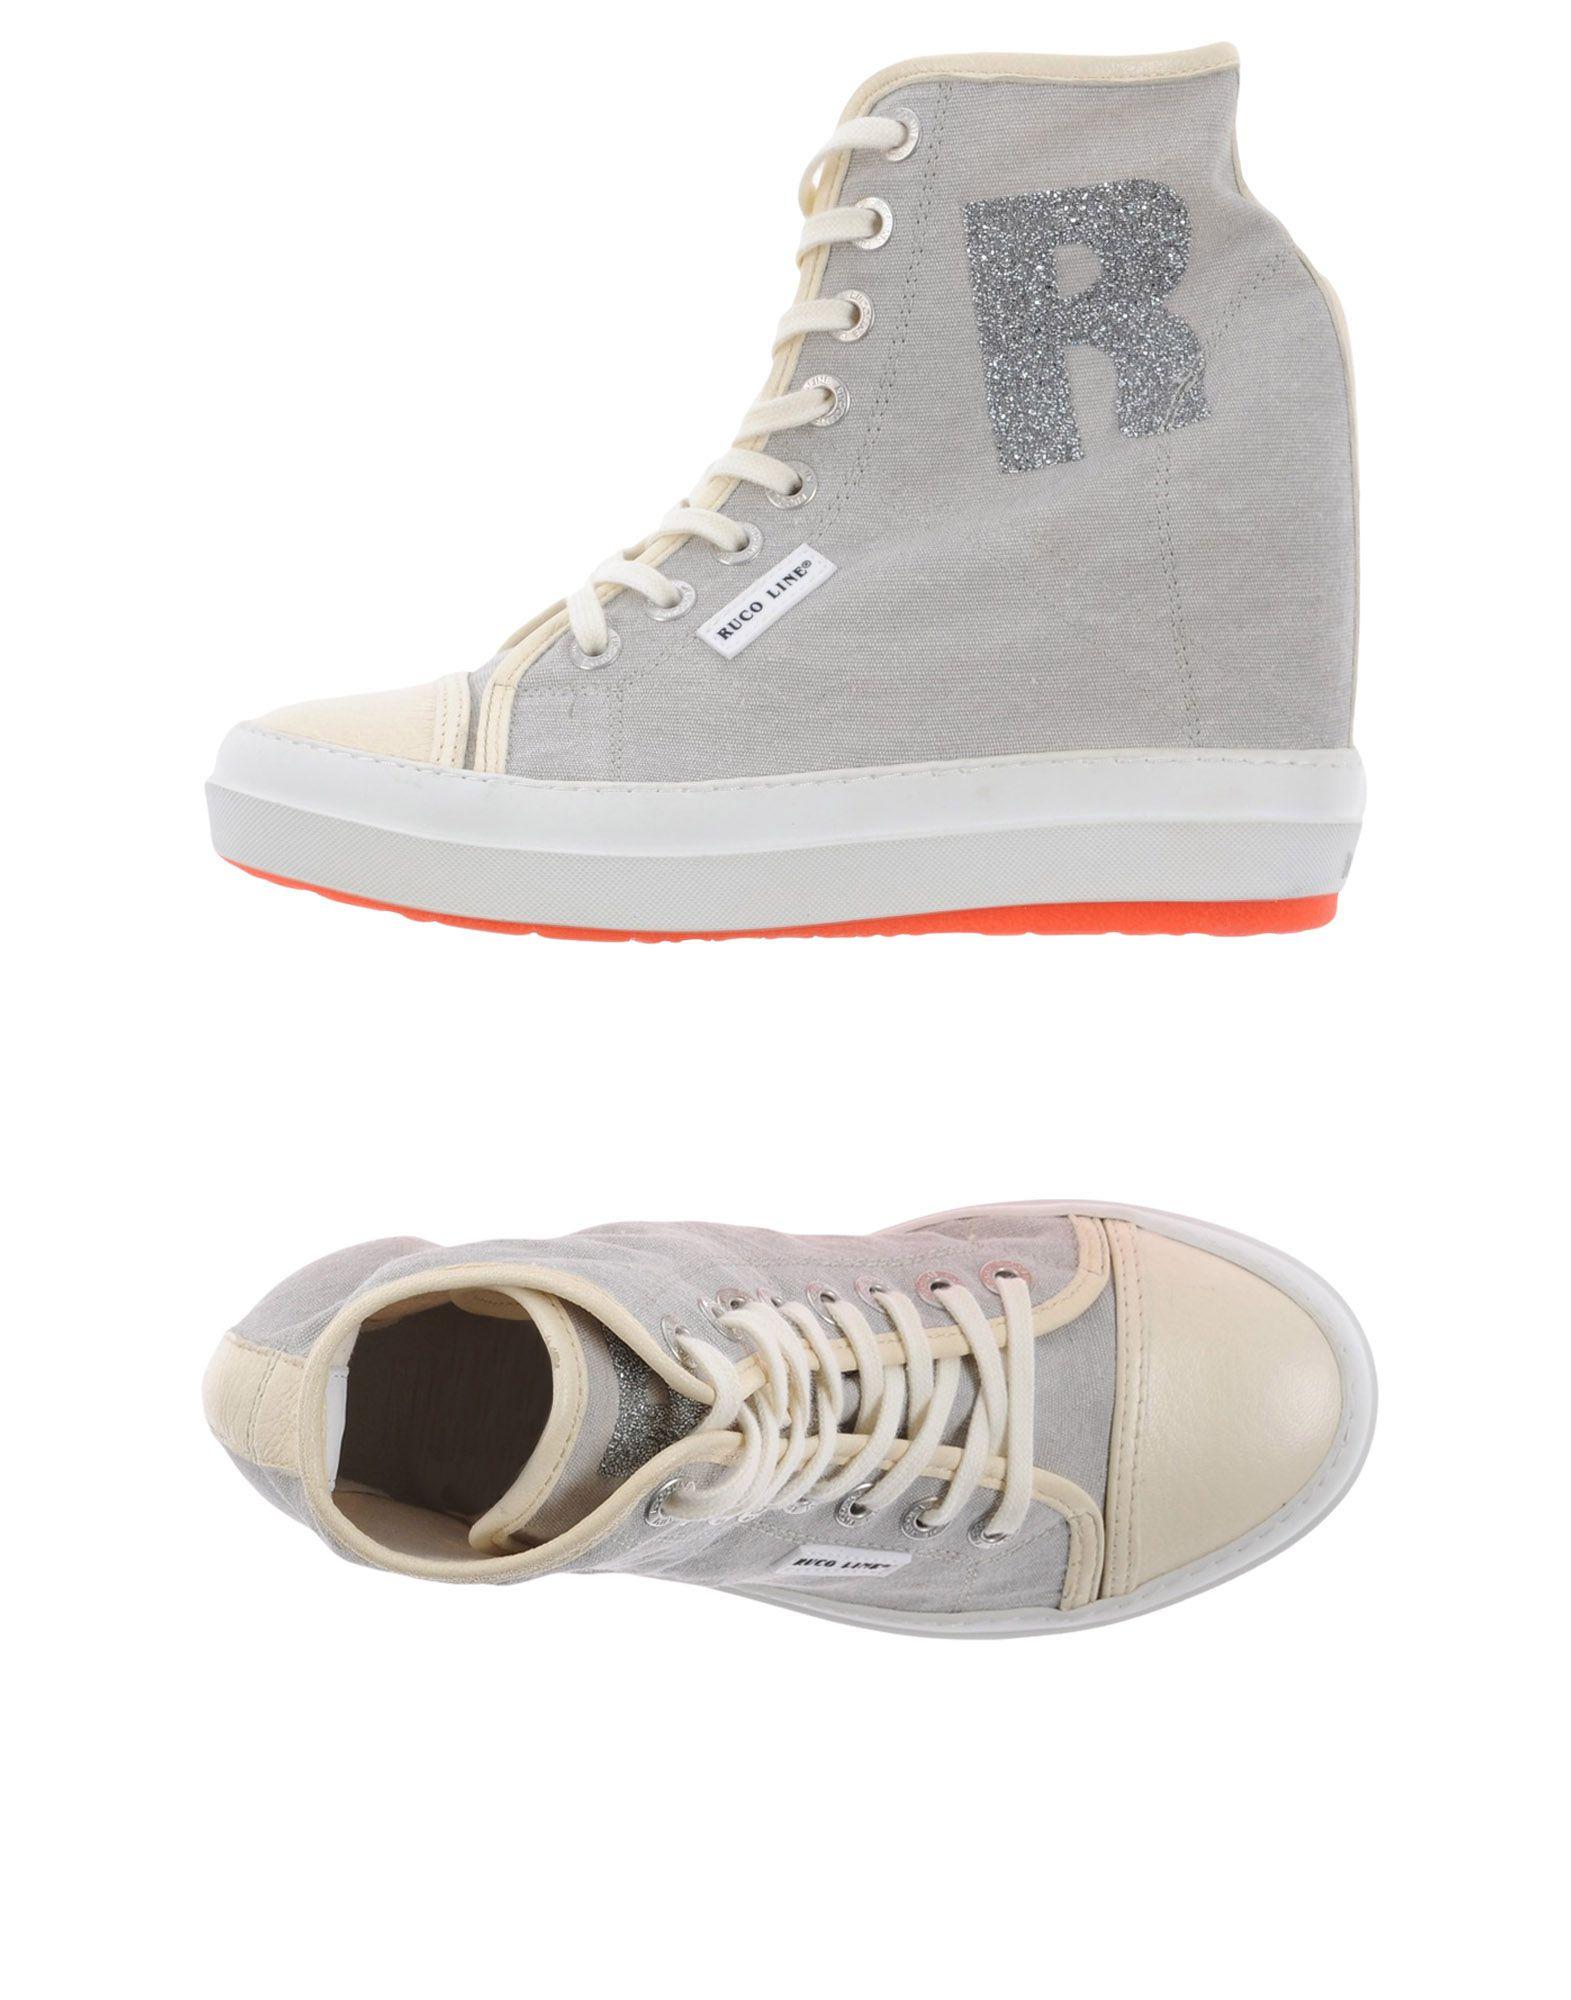 Ruco Line Sneakers Damen Damen Sneakers  11334591UT a2c2f1